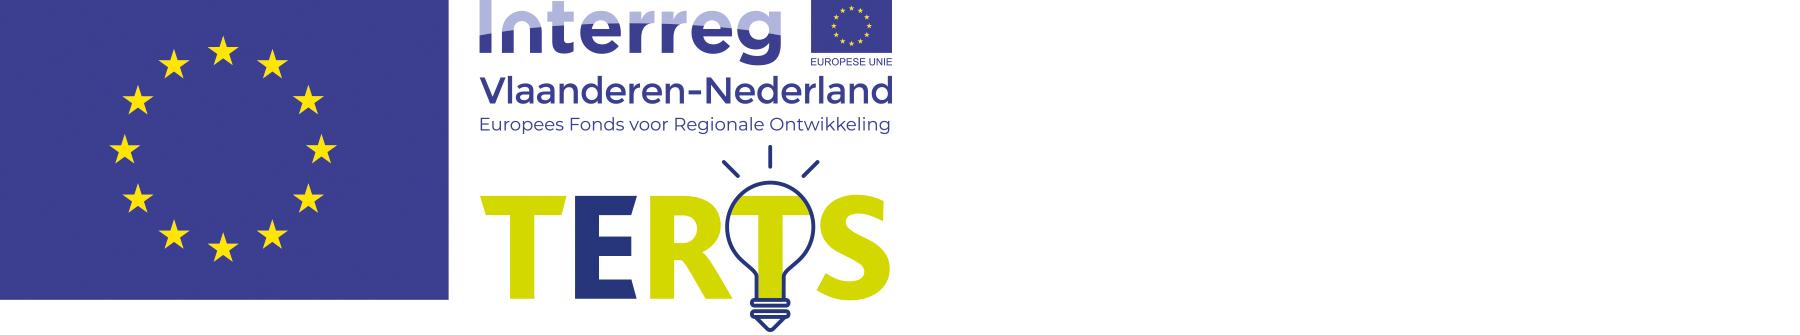 Interreg Vlaanderen-Nederland RGB